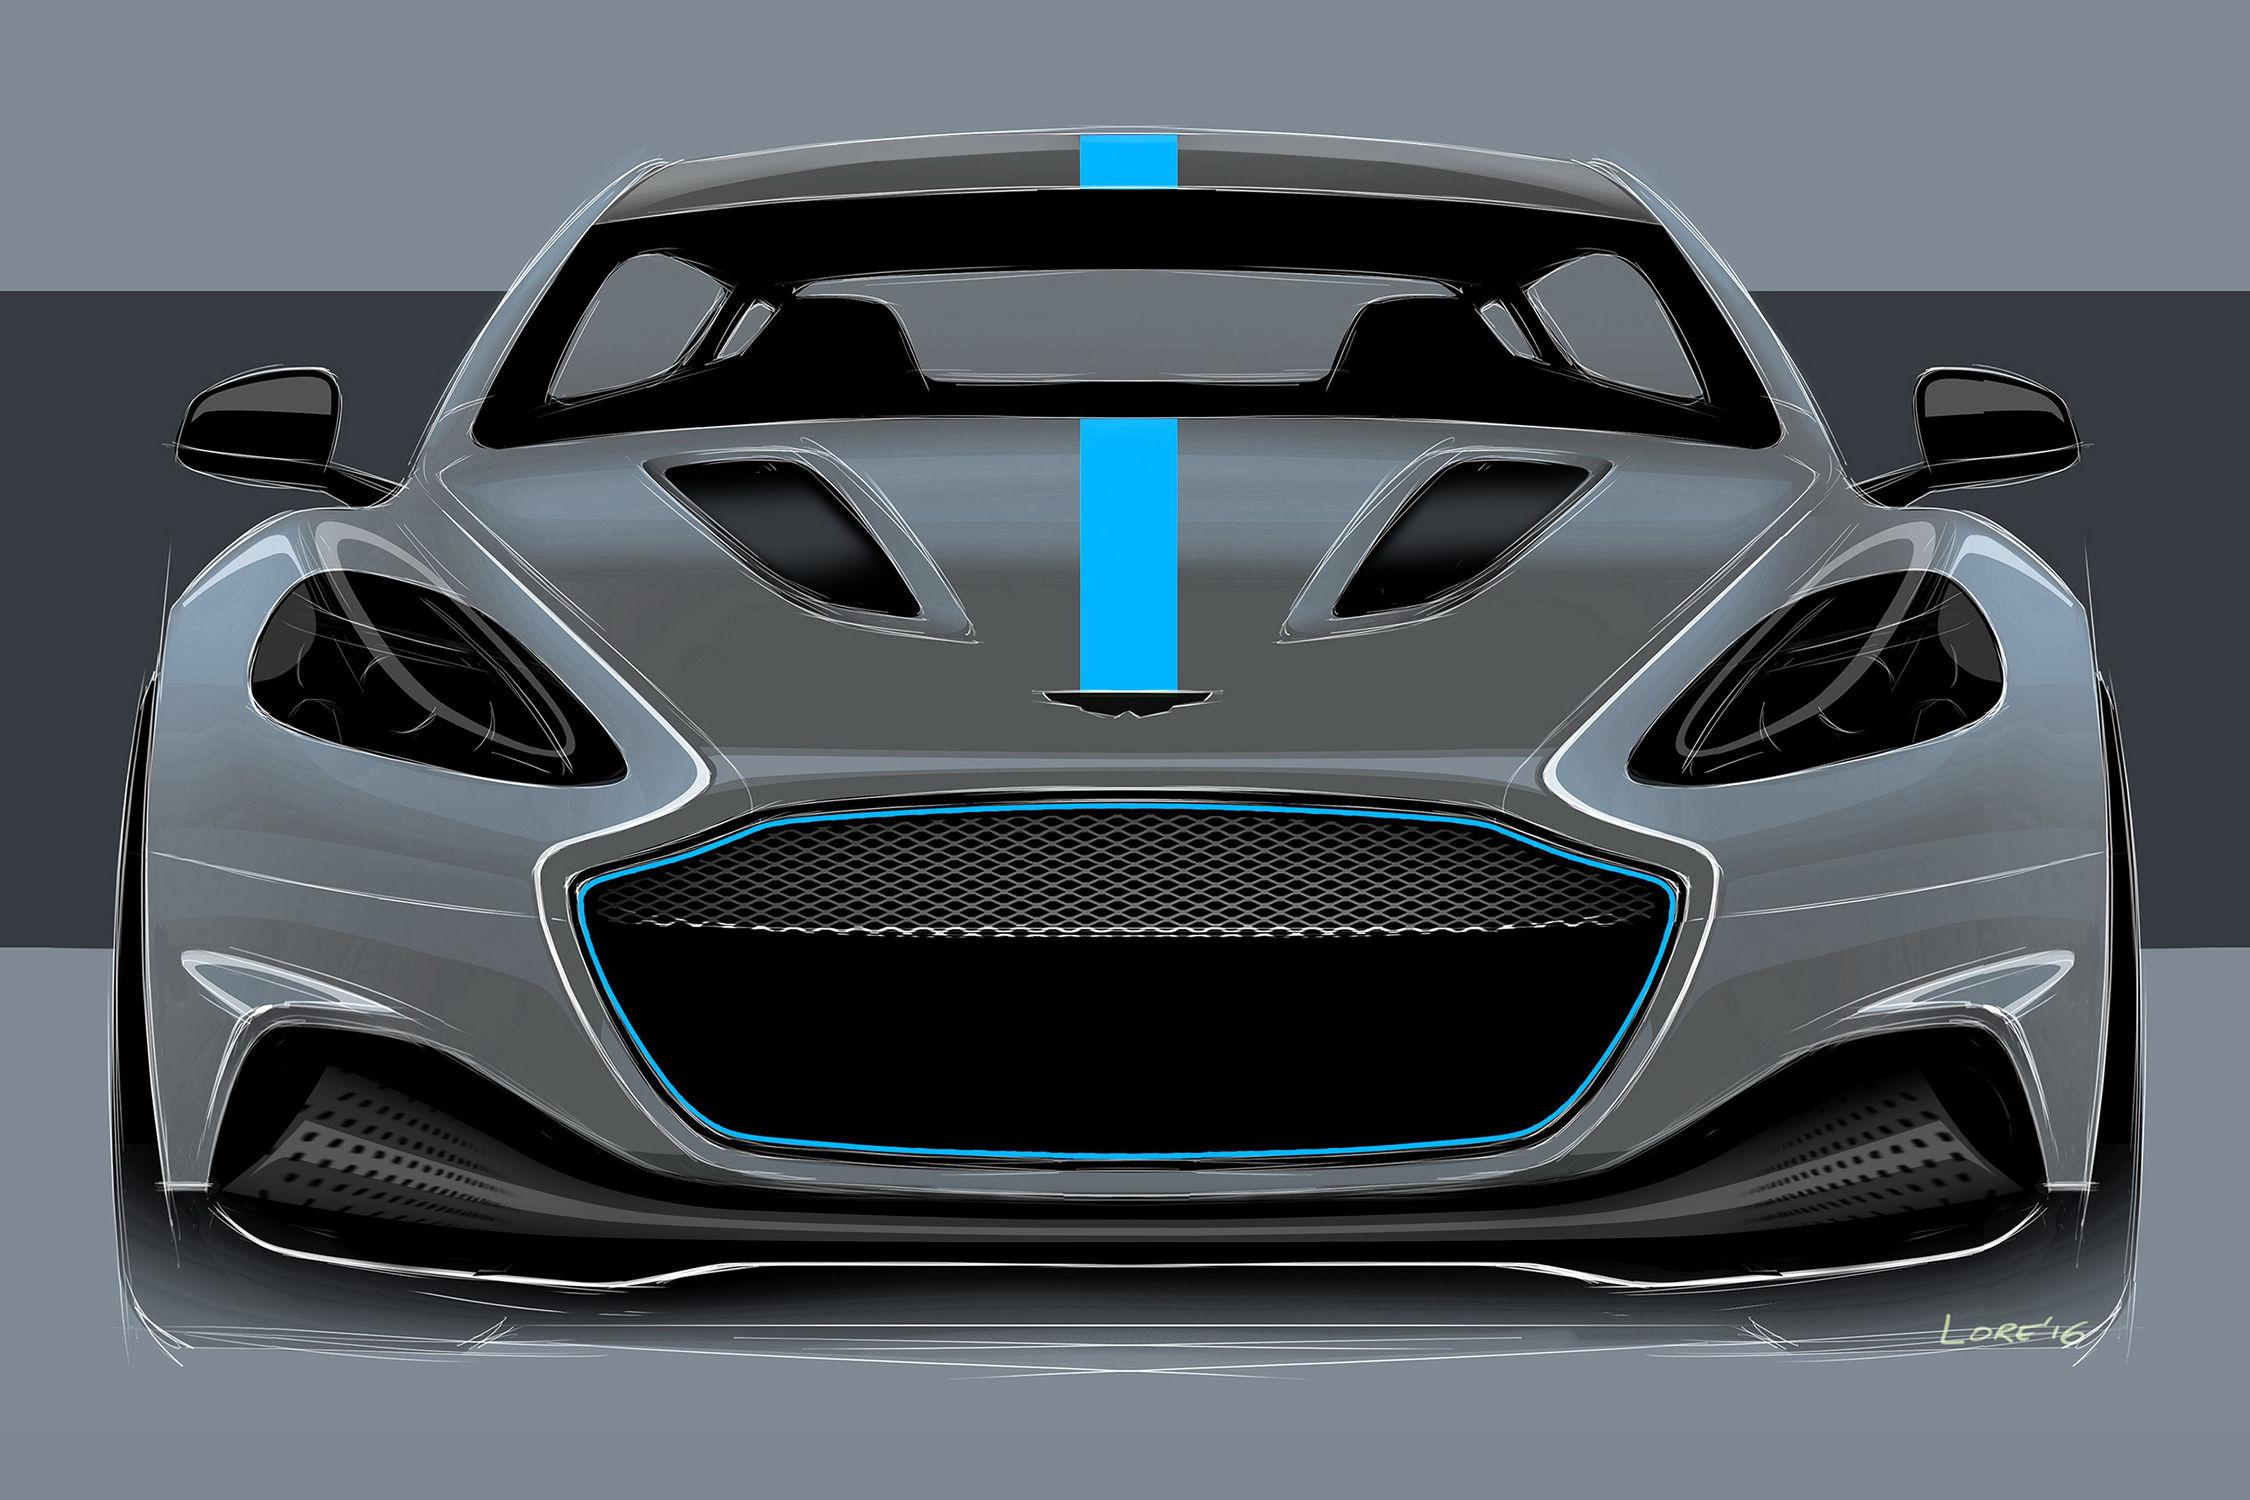 Le prochain James Bond en mode électrique — Aston Martin